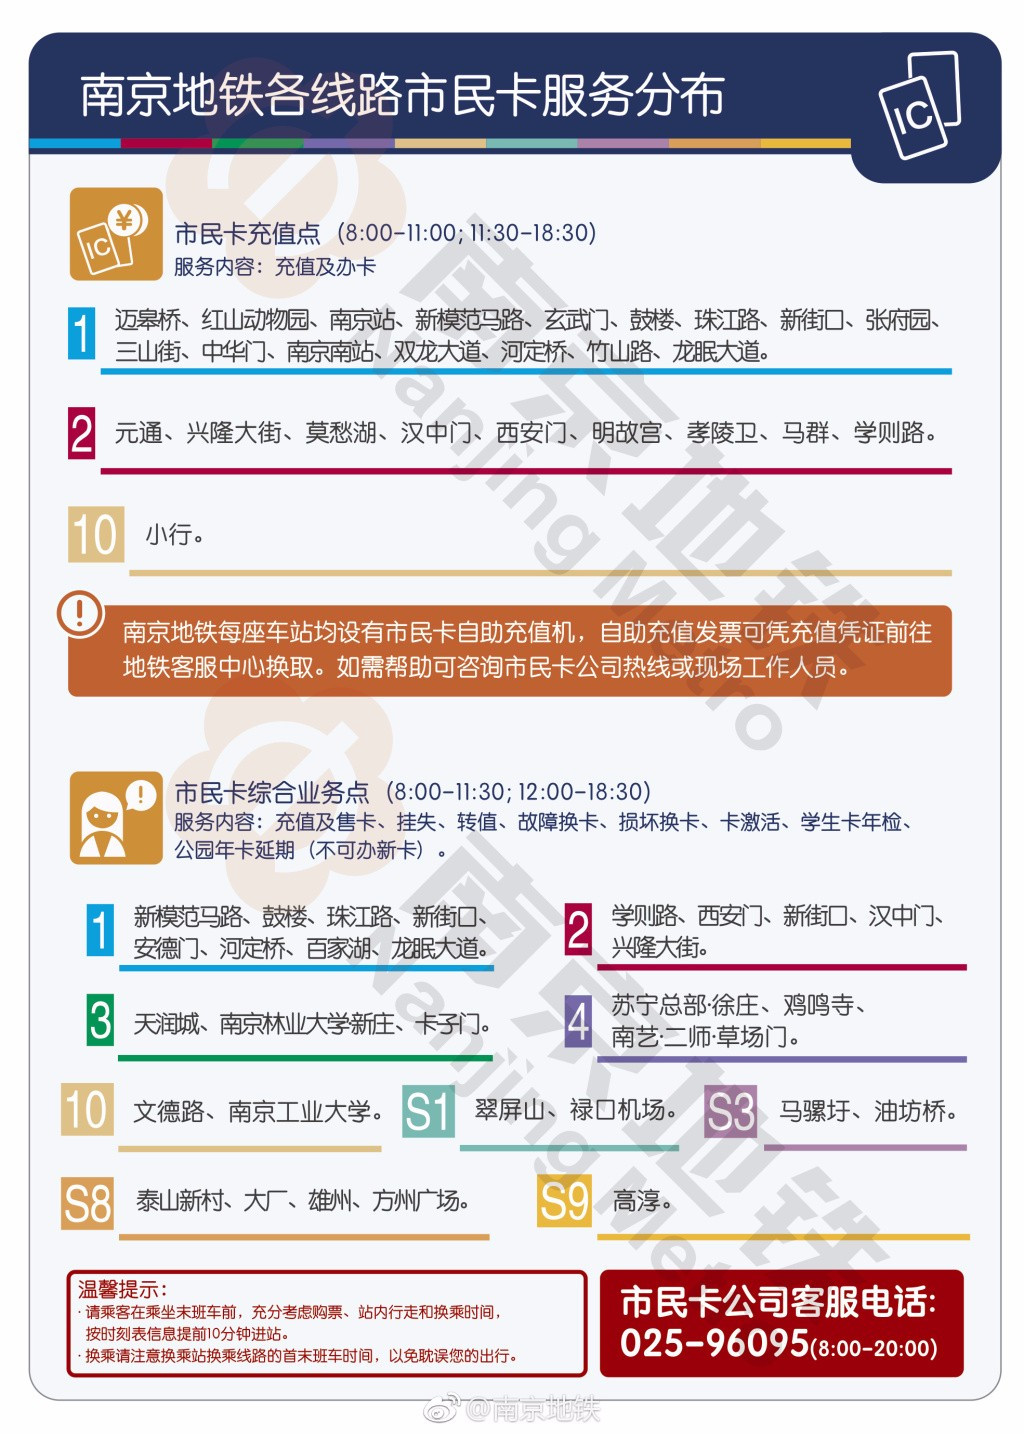 南京地铁首班车时间_最新最全!2018南京地铁首末班车时刻表、高清线路图,果断收藏!